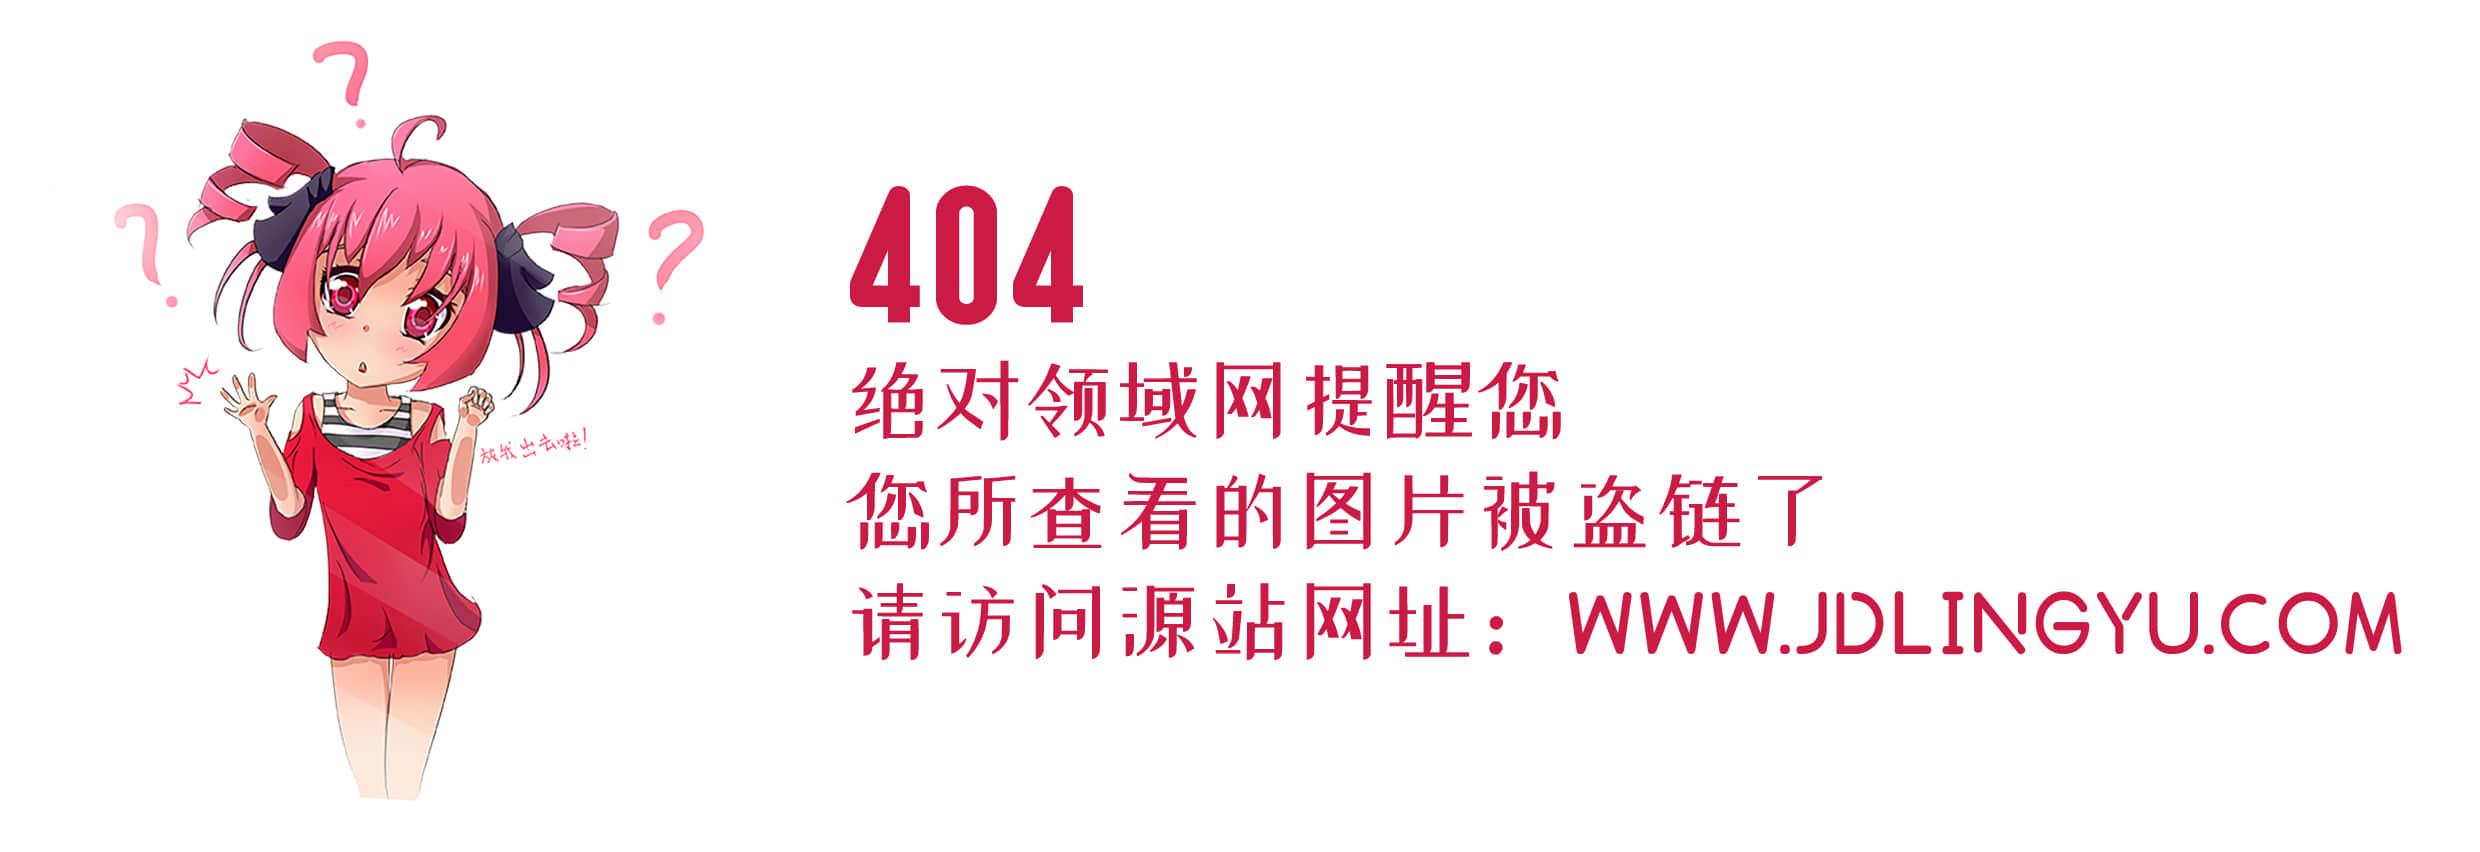 《兔女郎问世60年》COSPLAY业界燃起订制兔装风潮 兔女郎千变万化永远不会腻